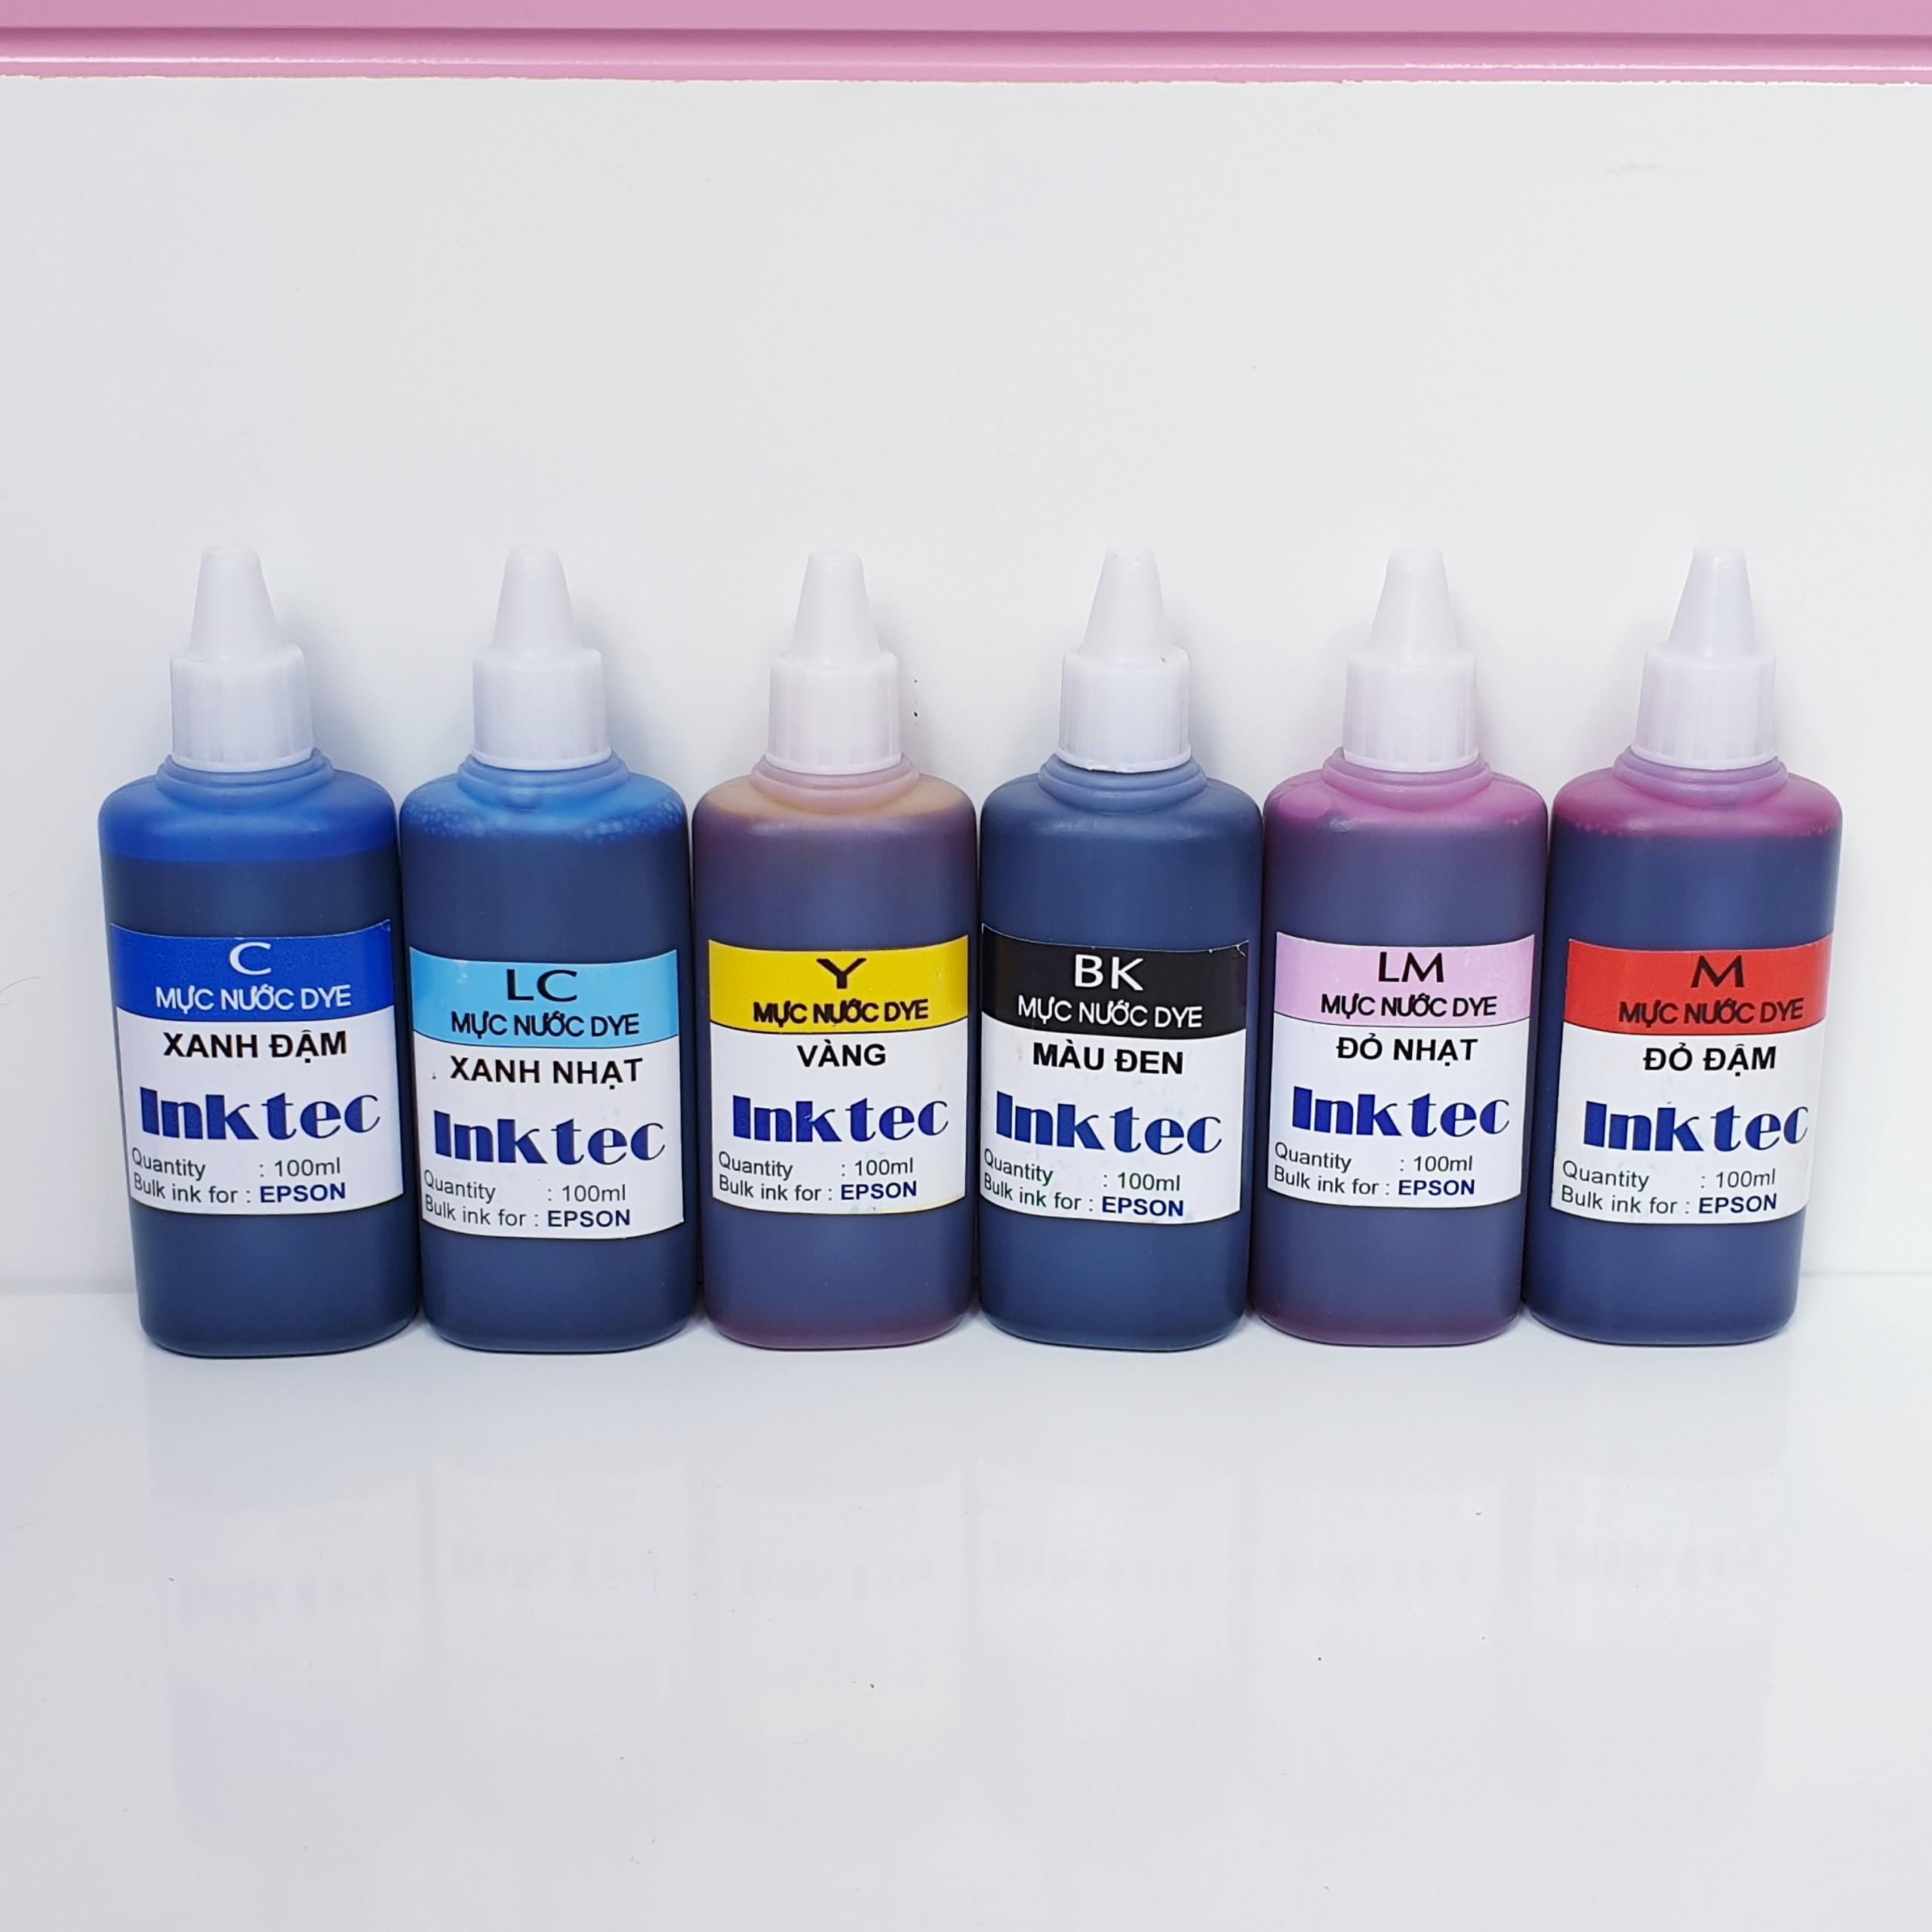 Bộ 6 màu - Mực nước inktec dùng cho máy in phun màu Epson - Loại 100ml - Hàng chính hãng